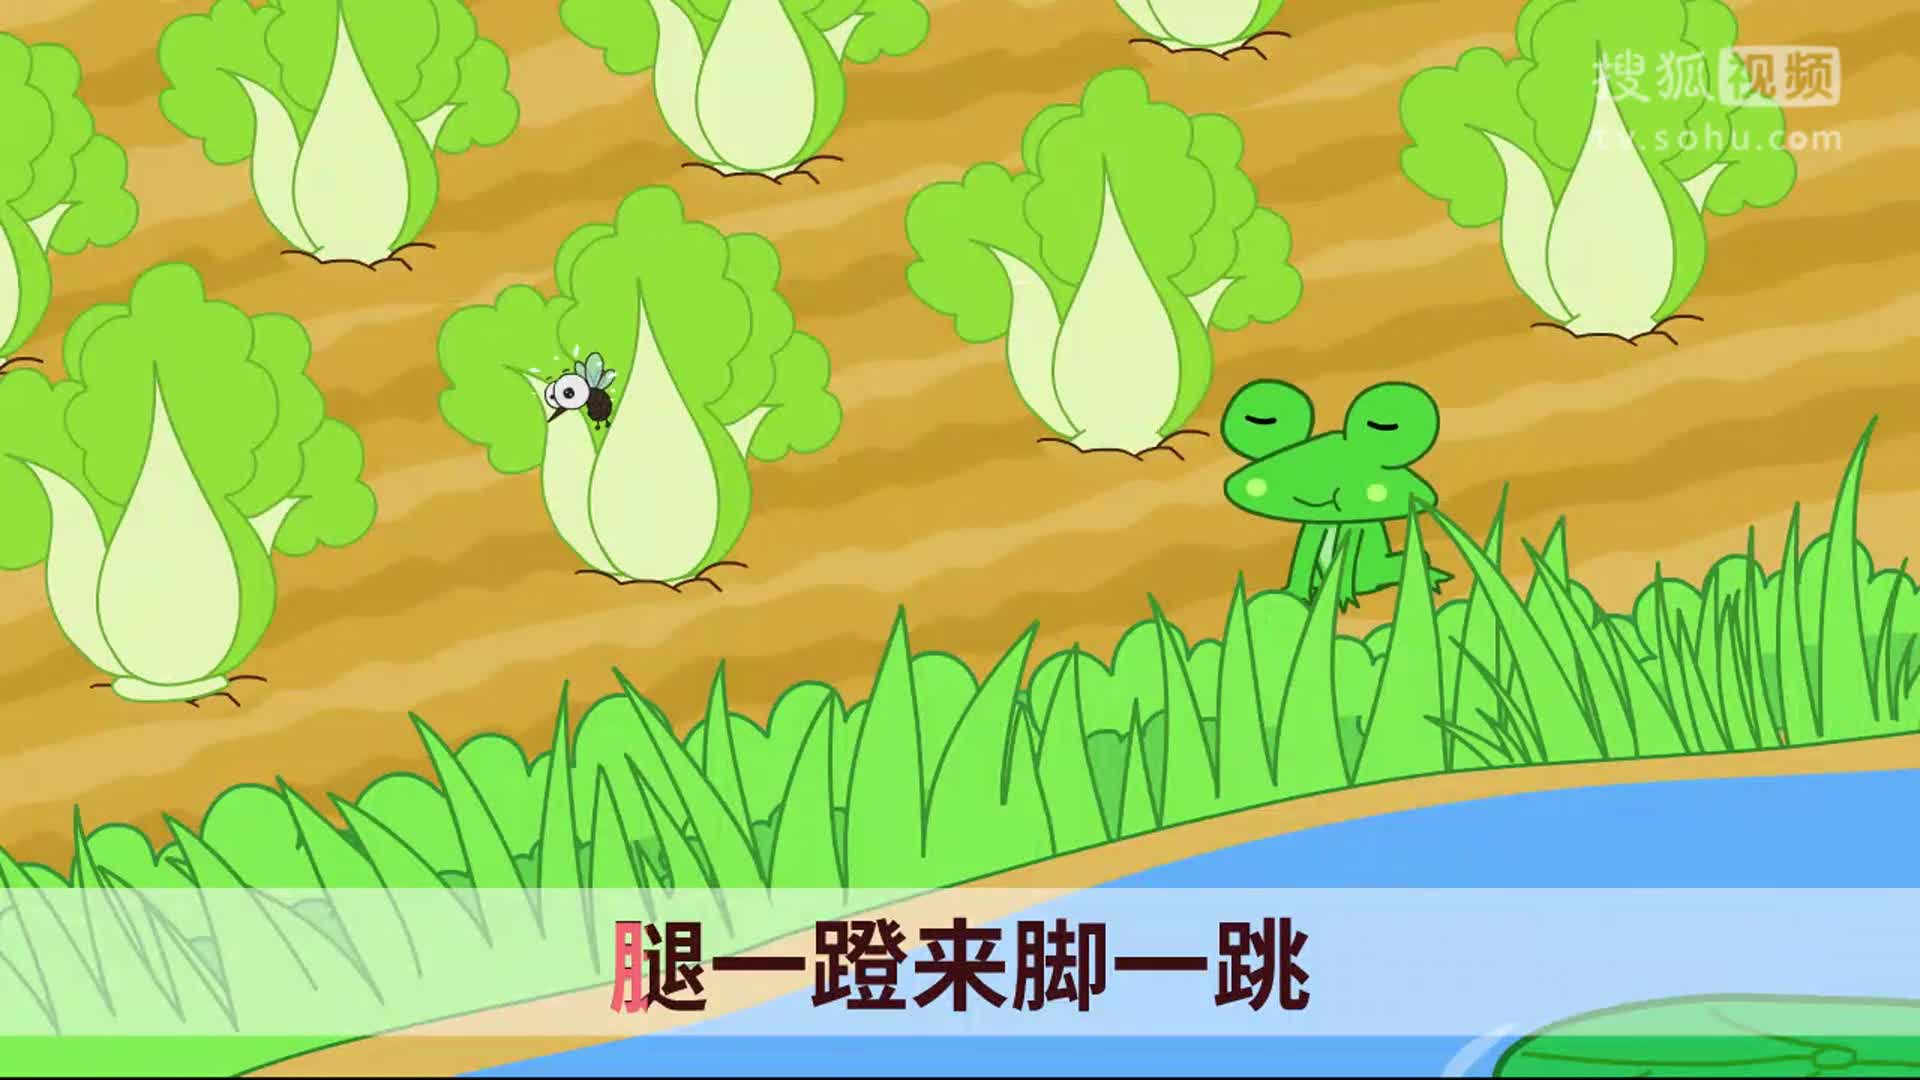 咕力儿歌:小青蛙